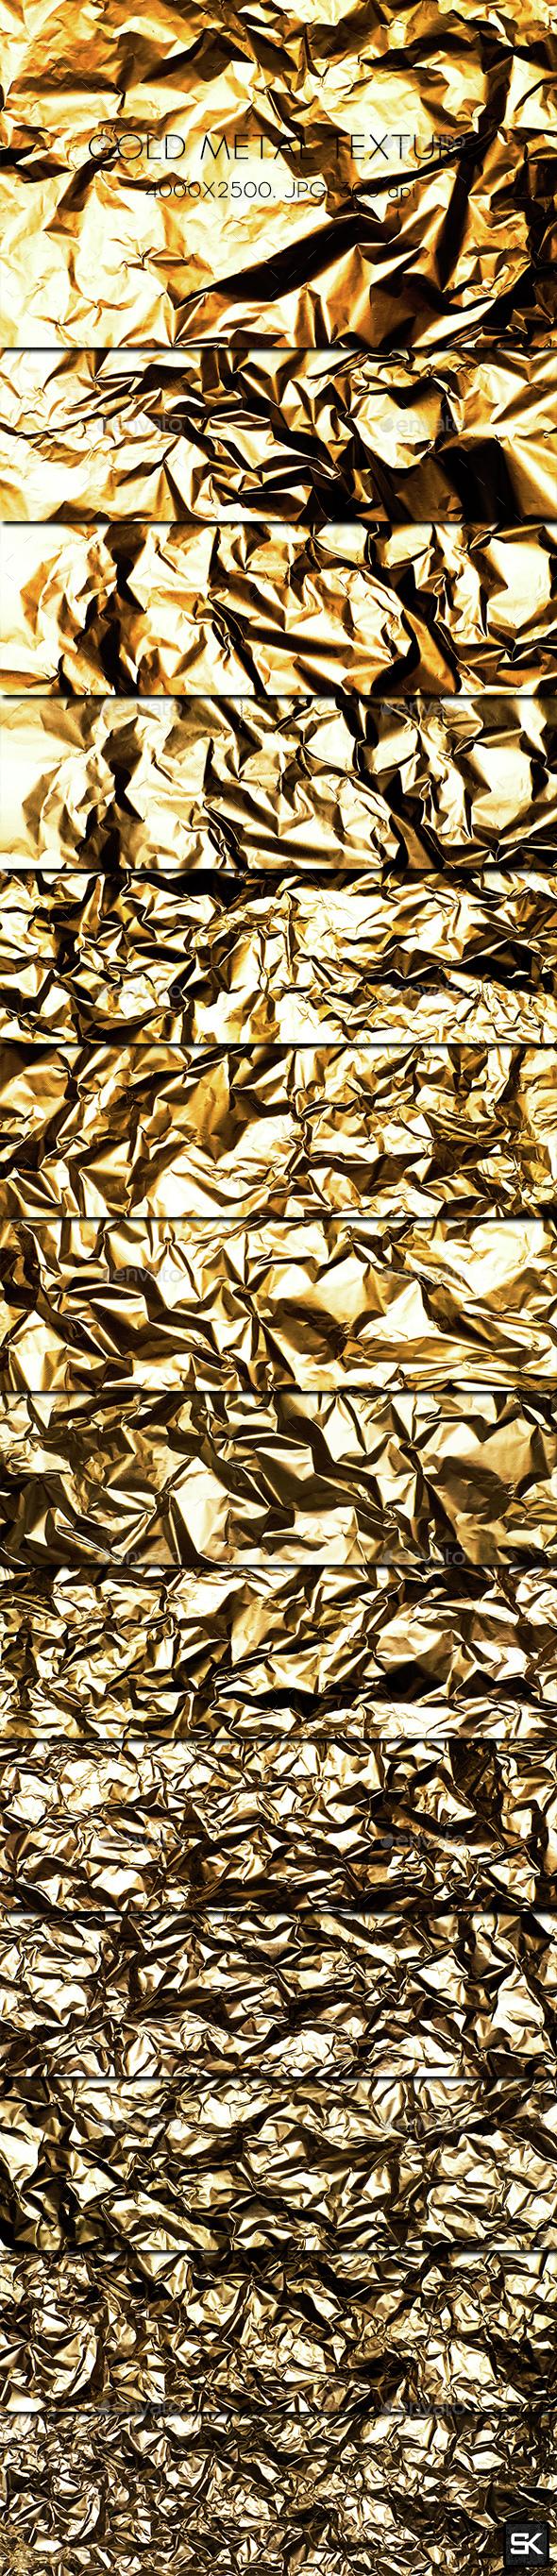 Gold Metal Texture - Metal Textures